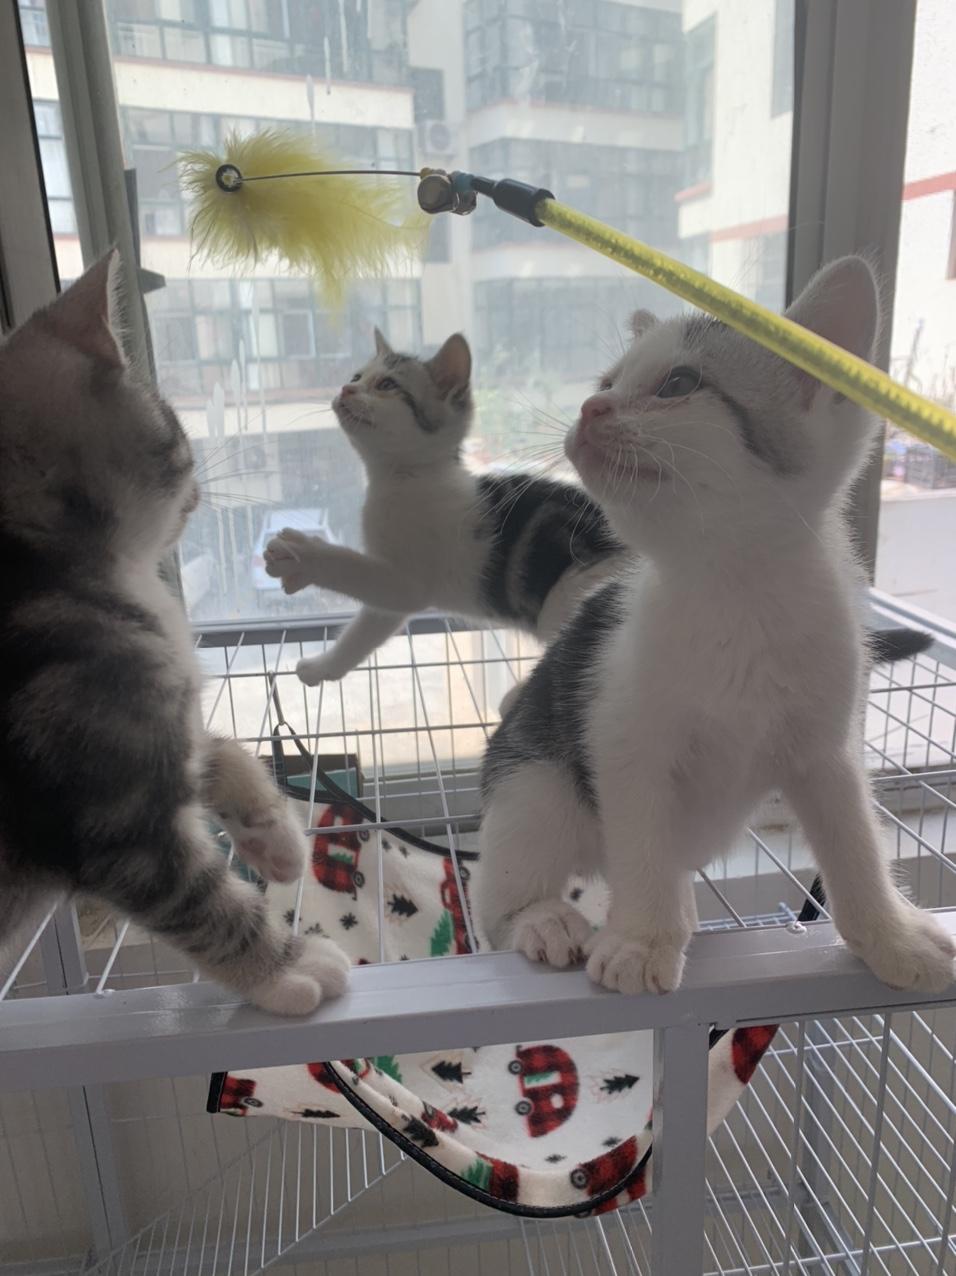 低价出售家养小猫已打疫苗会用猫砂吃猫粮